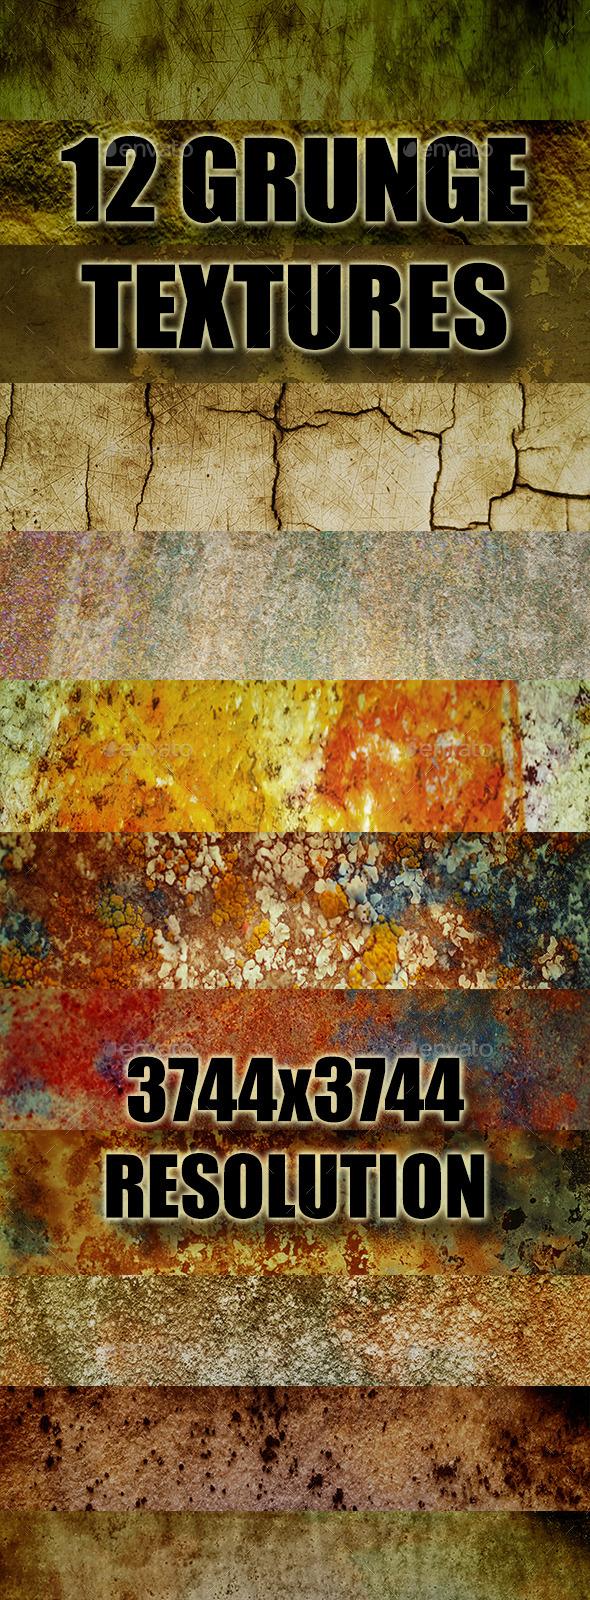 Grunge Texture Pack 1 - Industrial / Grunge Textures